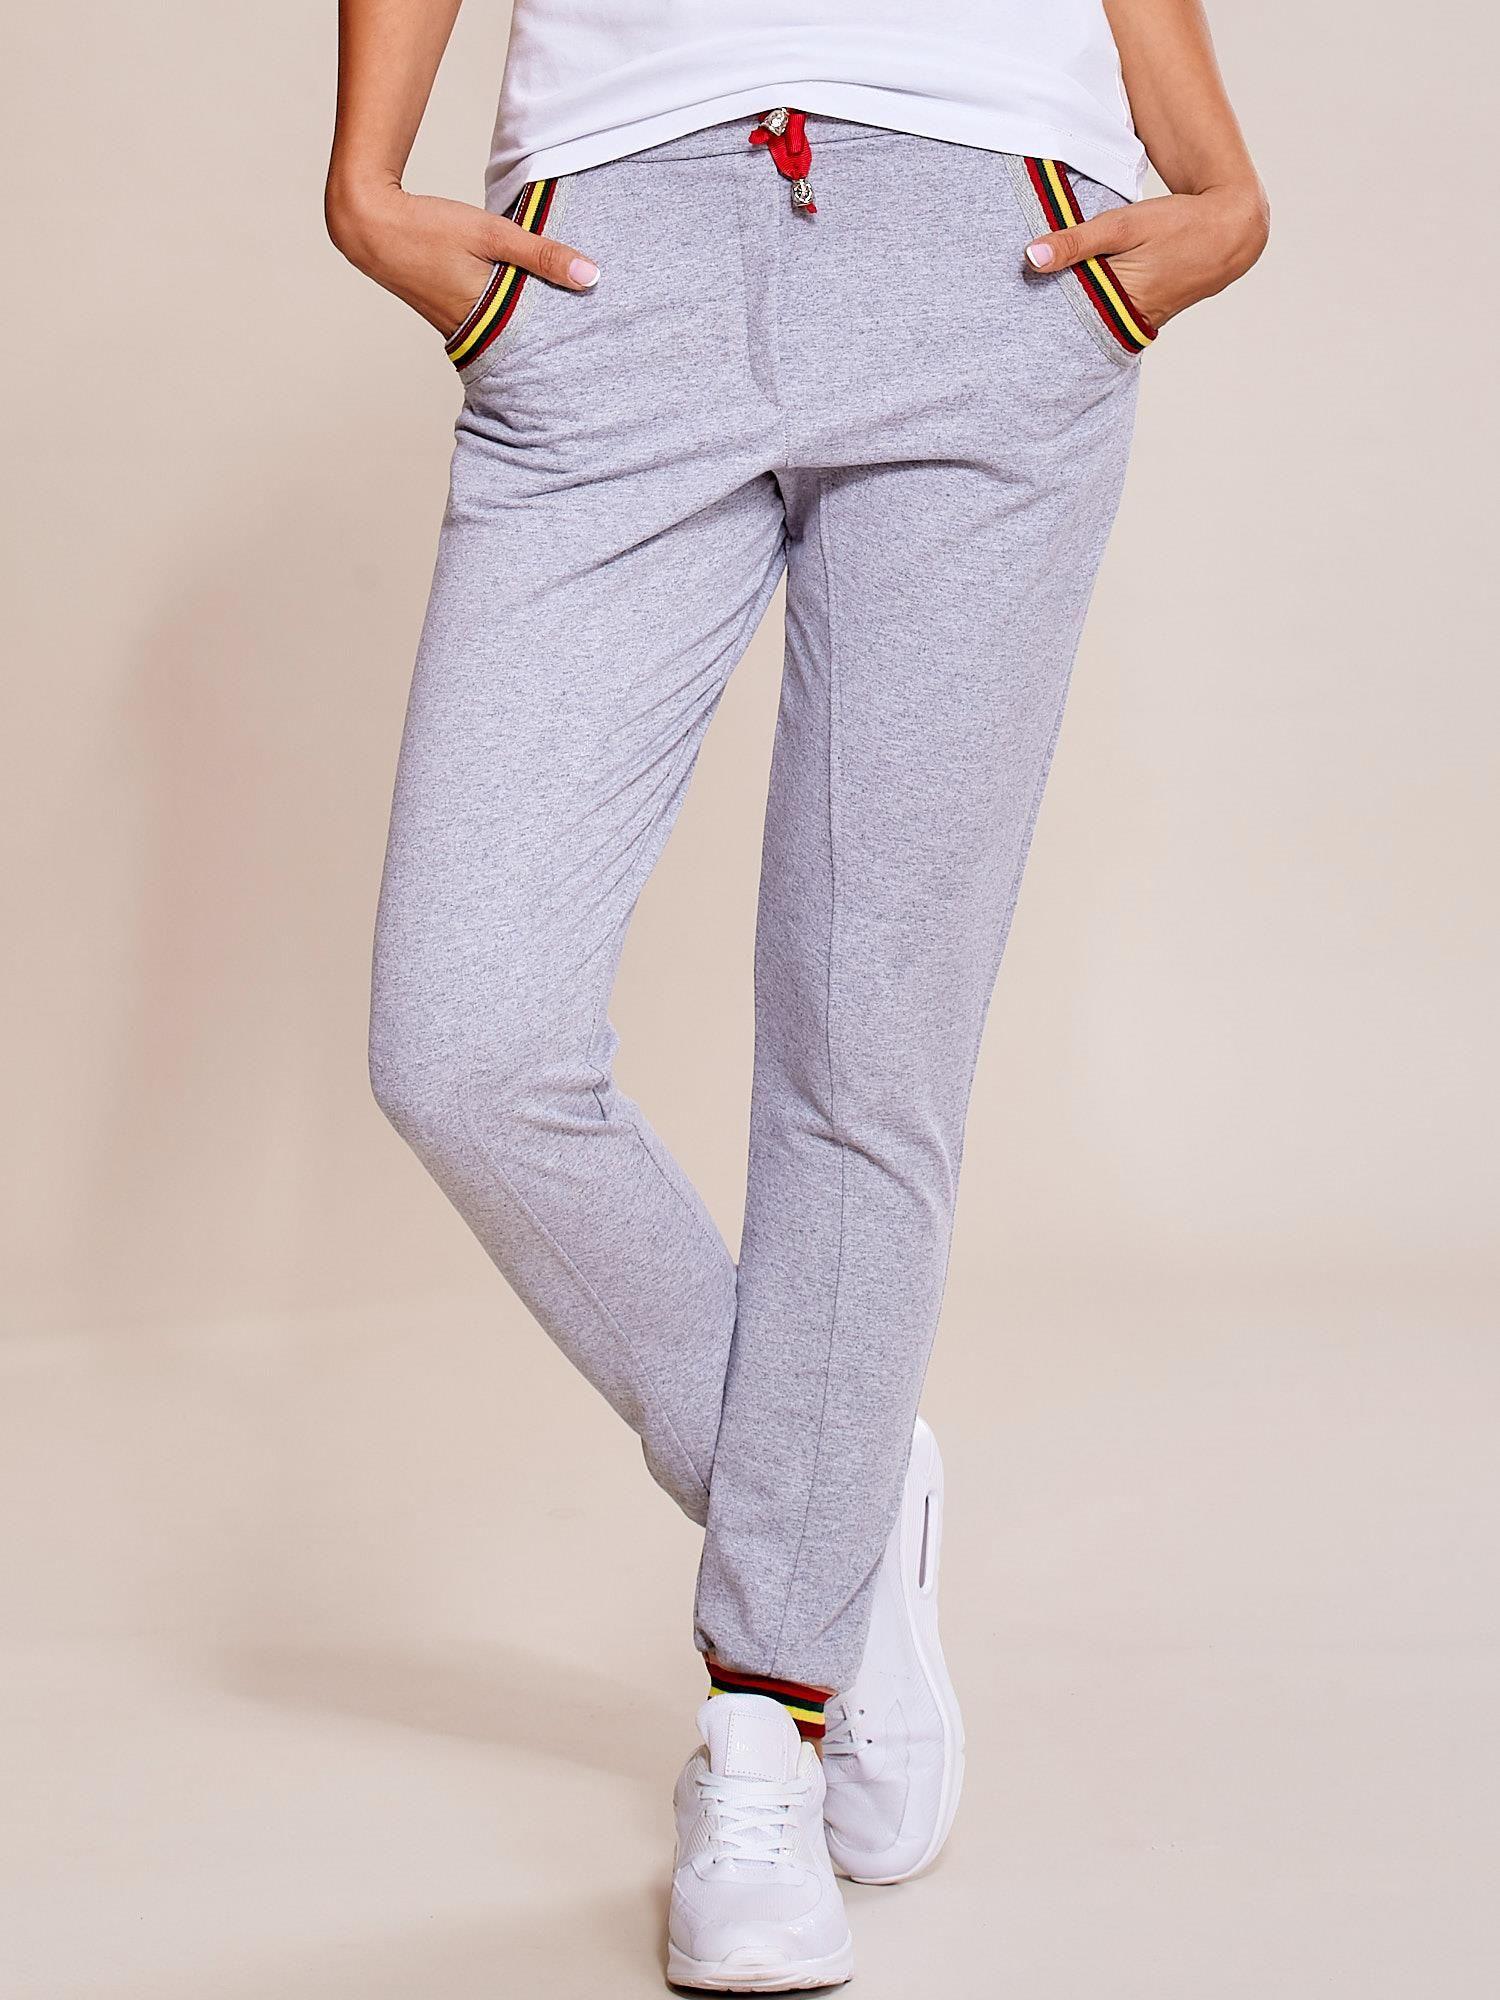 9a74a29940a2d8 Szare spodnie dresowe damskie rurki z kolorowymi ściągaczami ...